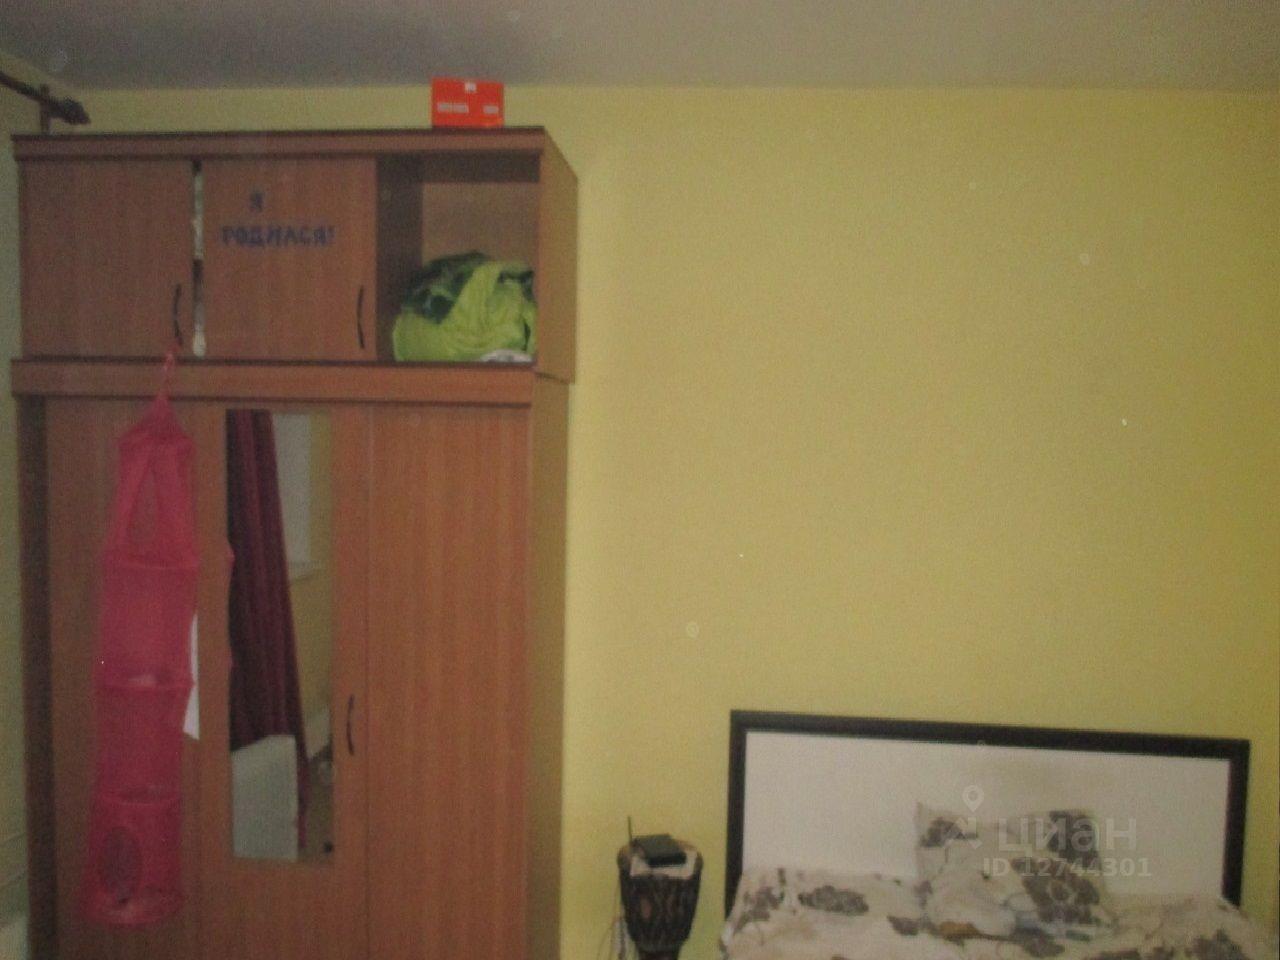 продаю двухкомнатную квартиру город Москва, Лебедянская улица, д. 12К1